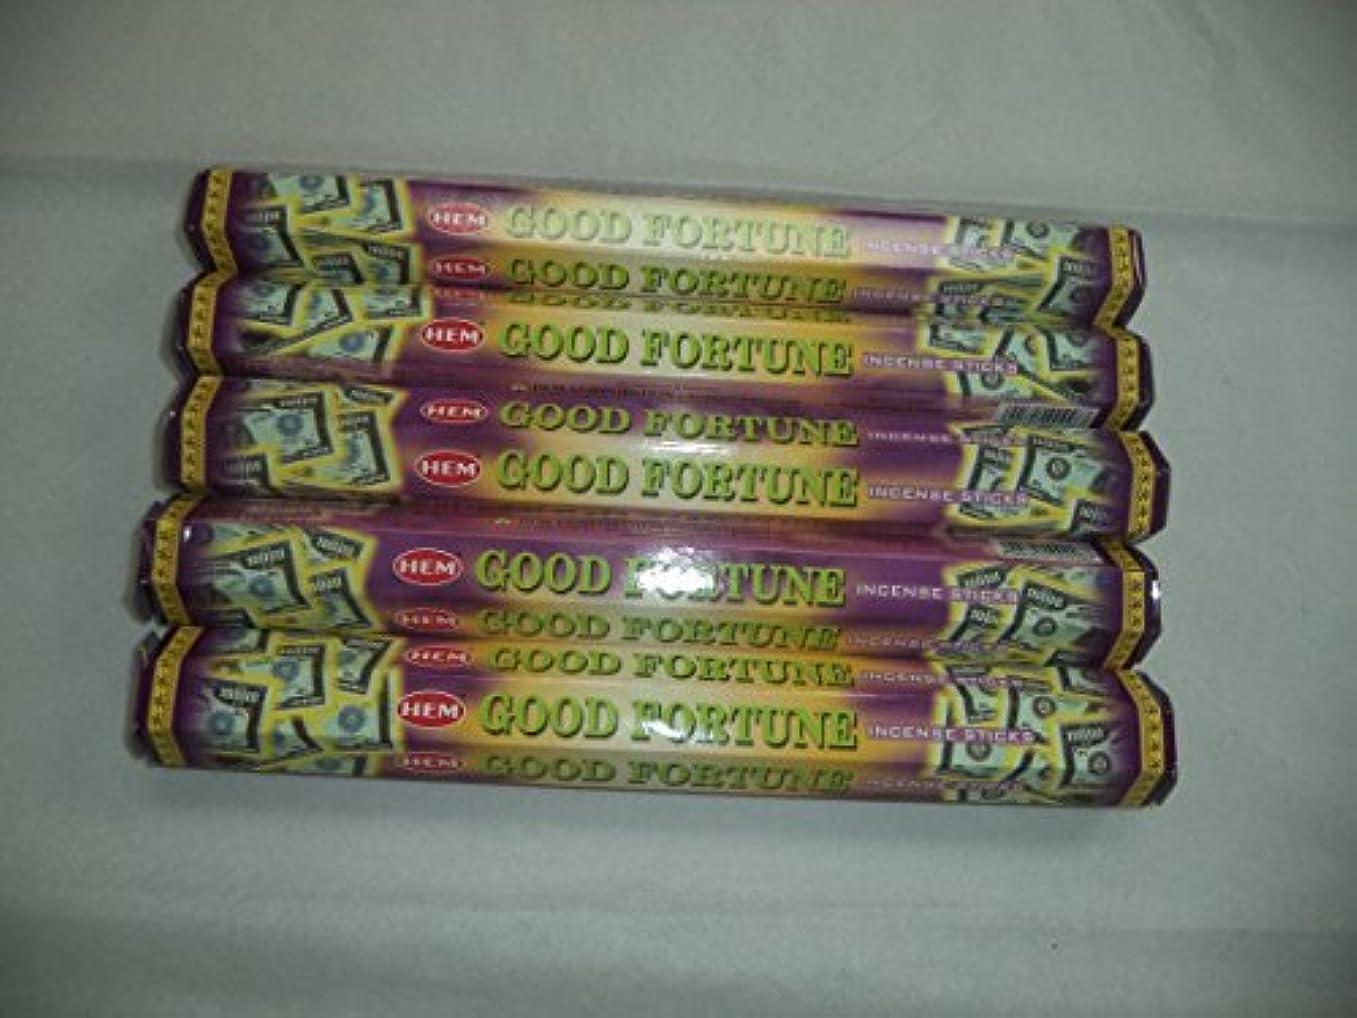 好奇心盛ブラウス慢Hem Good Fortune 100?Incense Sticks (5?x 20スティックパック) by裾